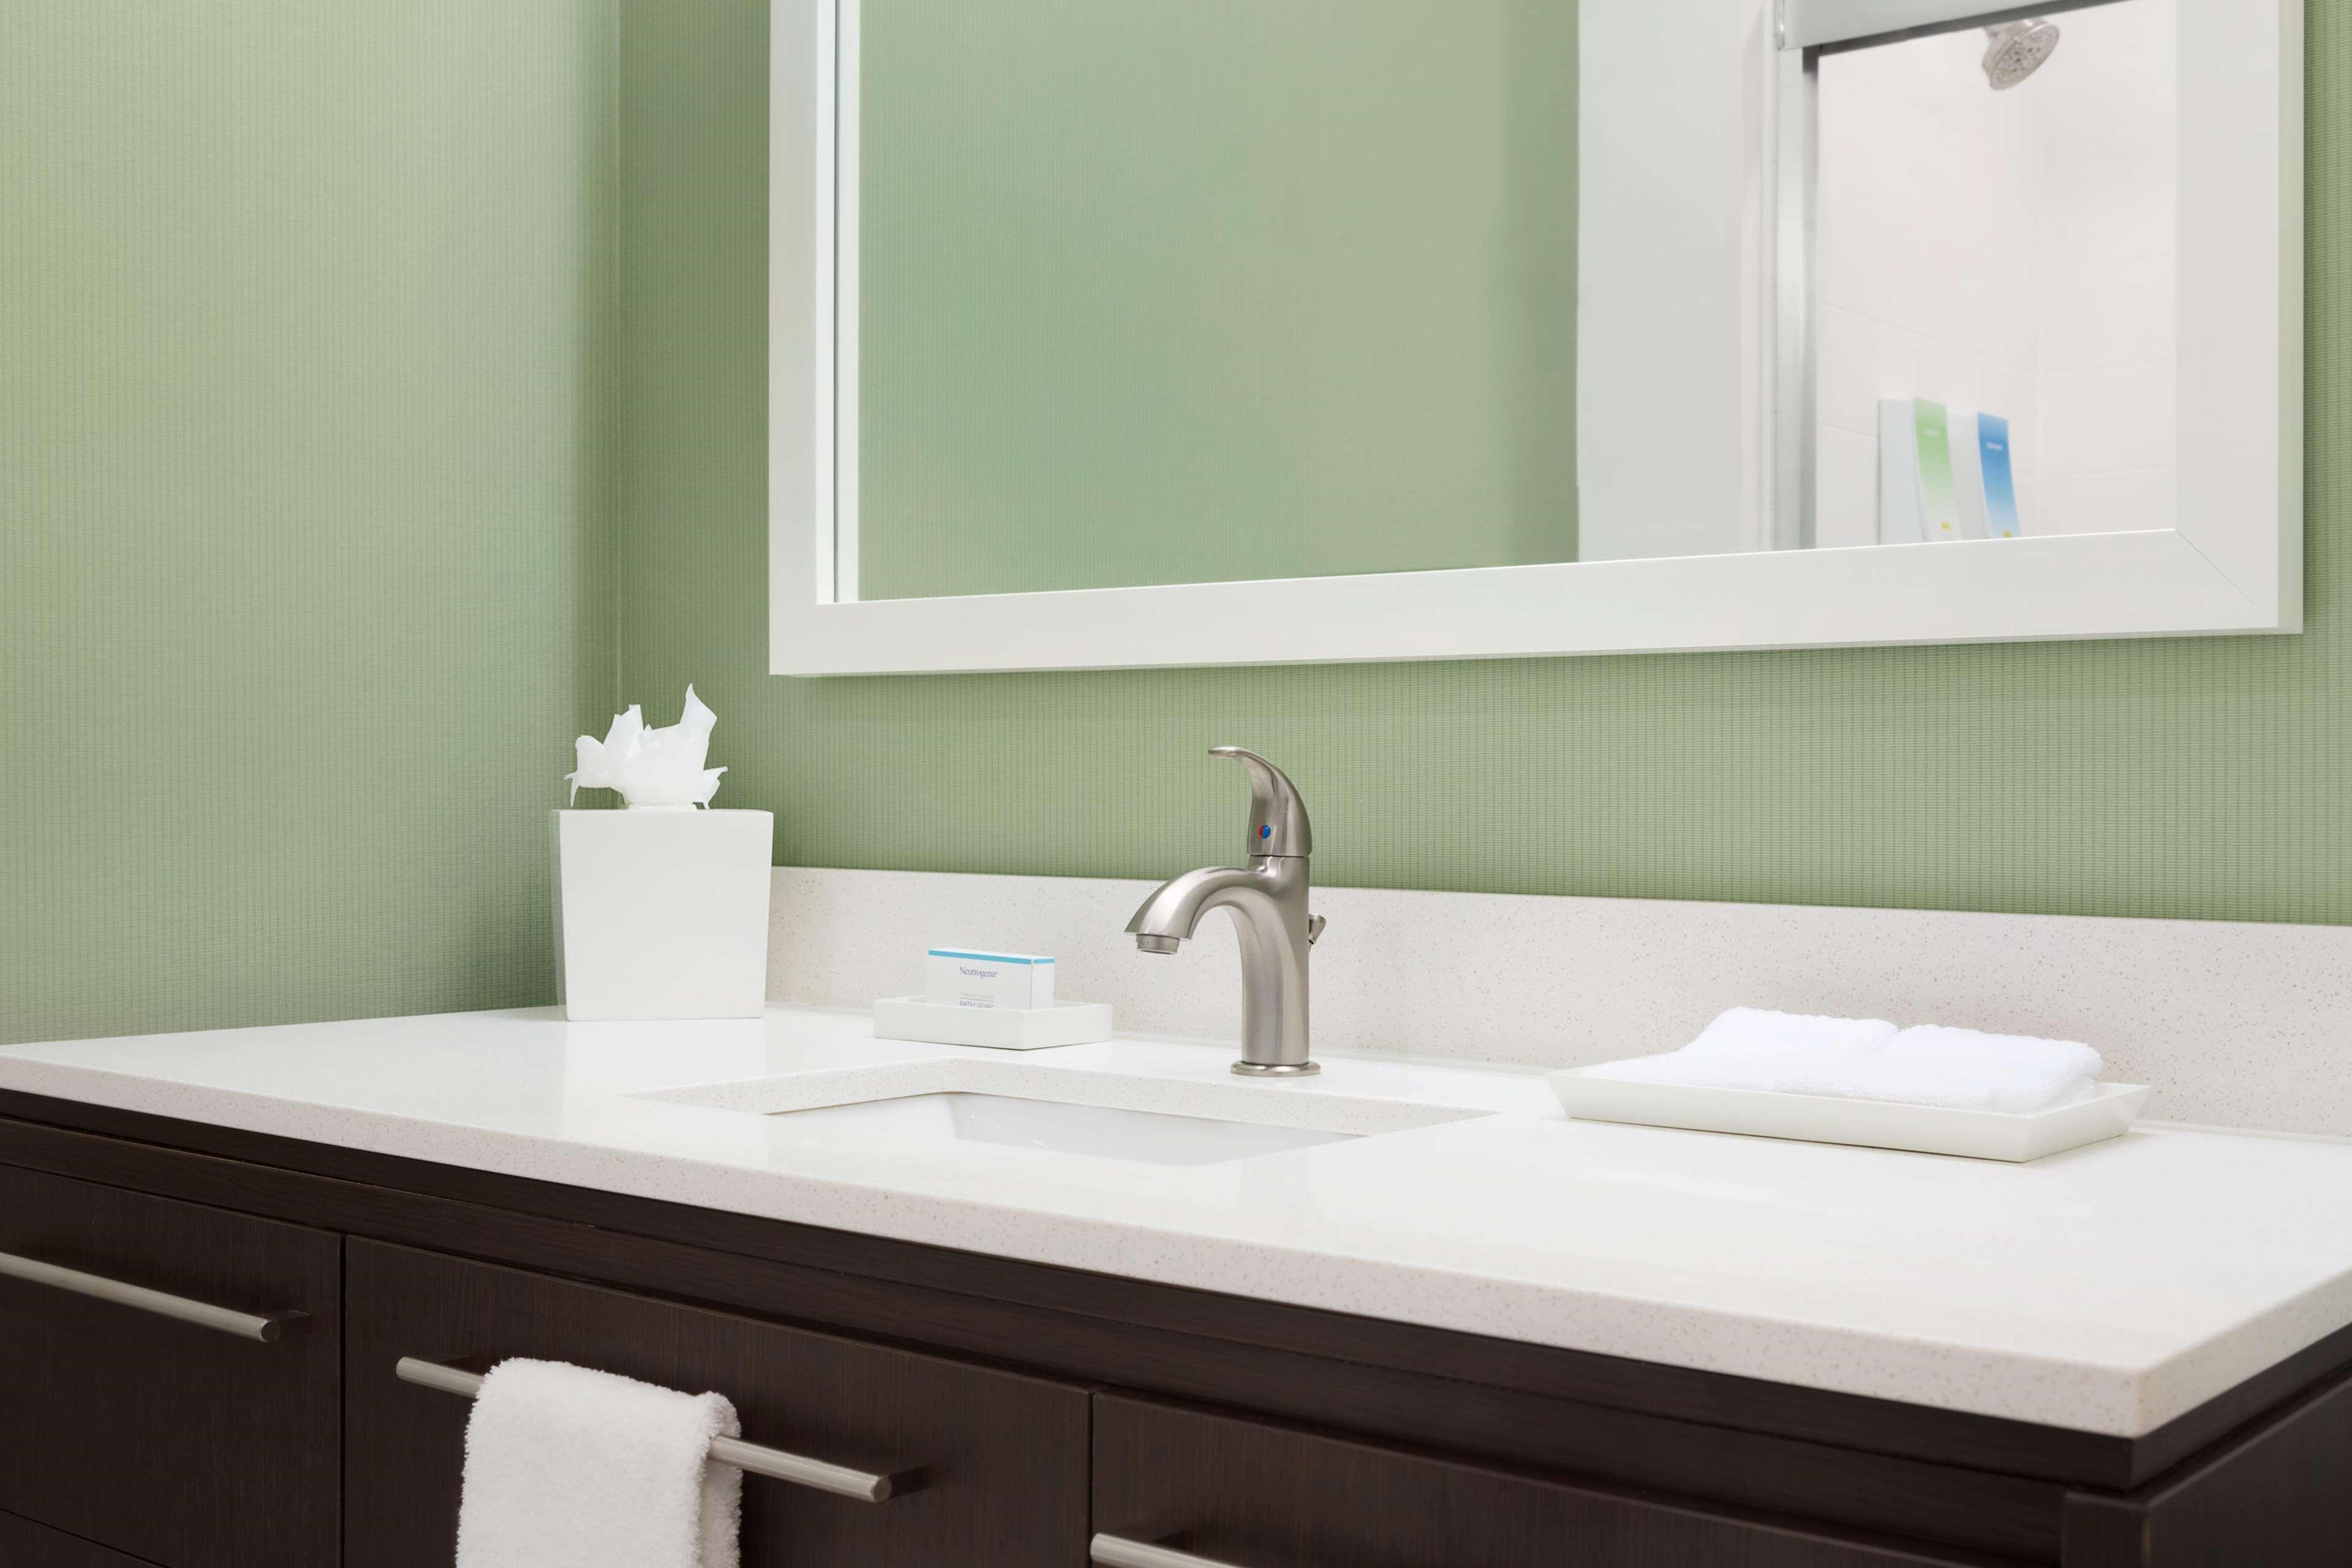 Home2 Suites by Hilton McAllen image 24